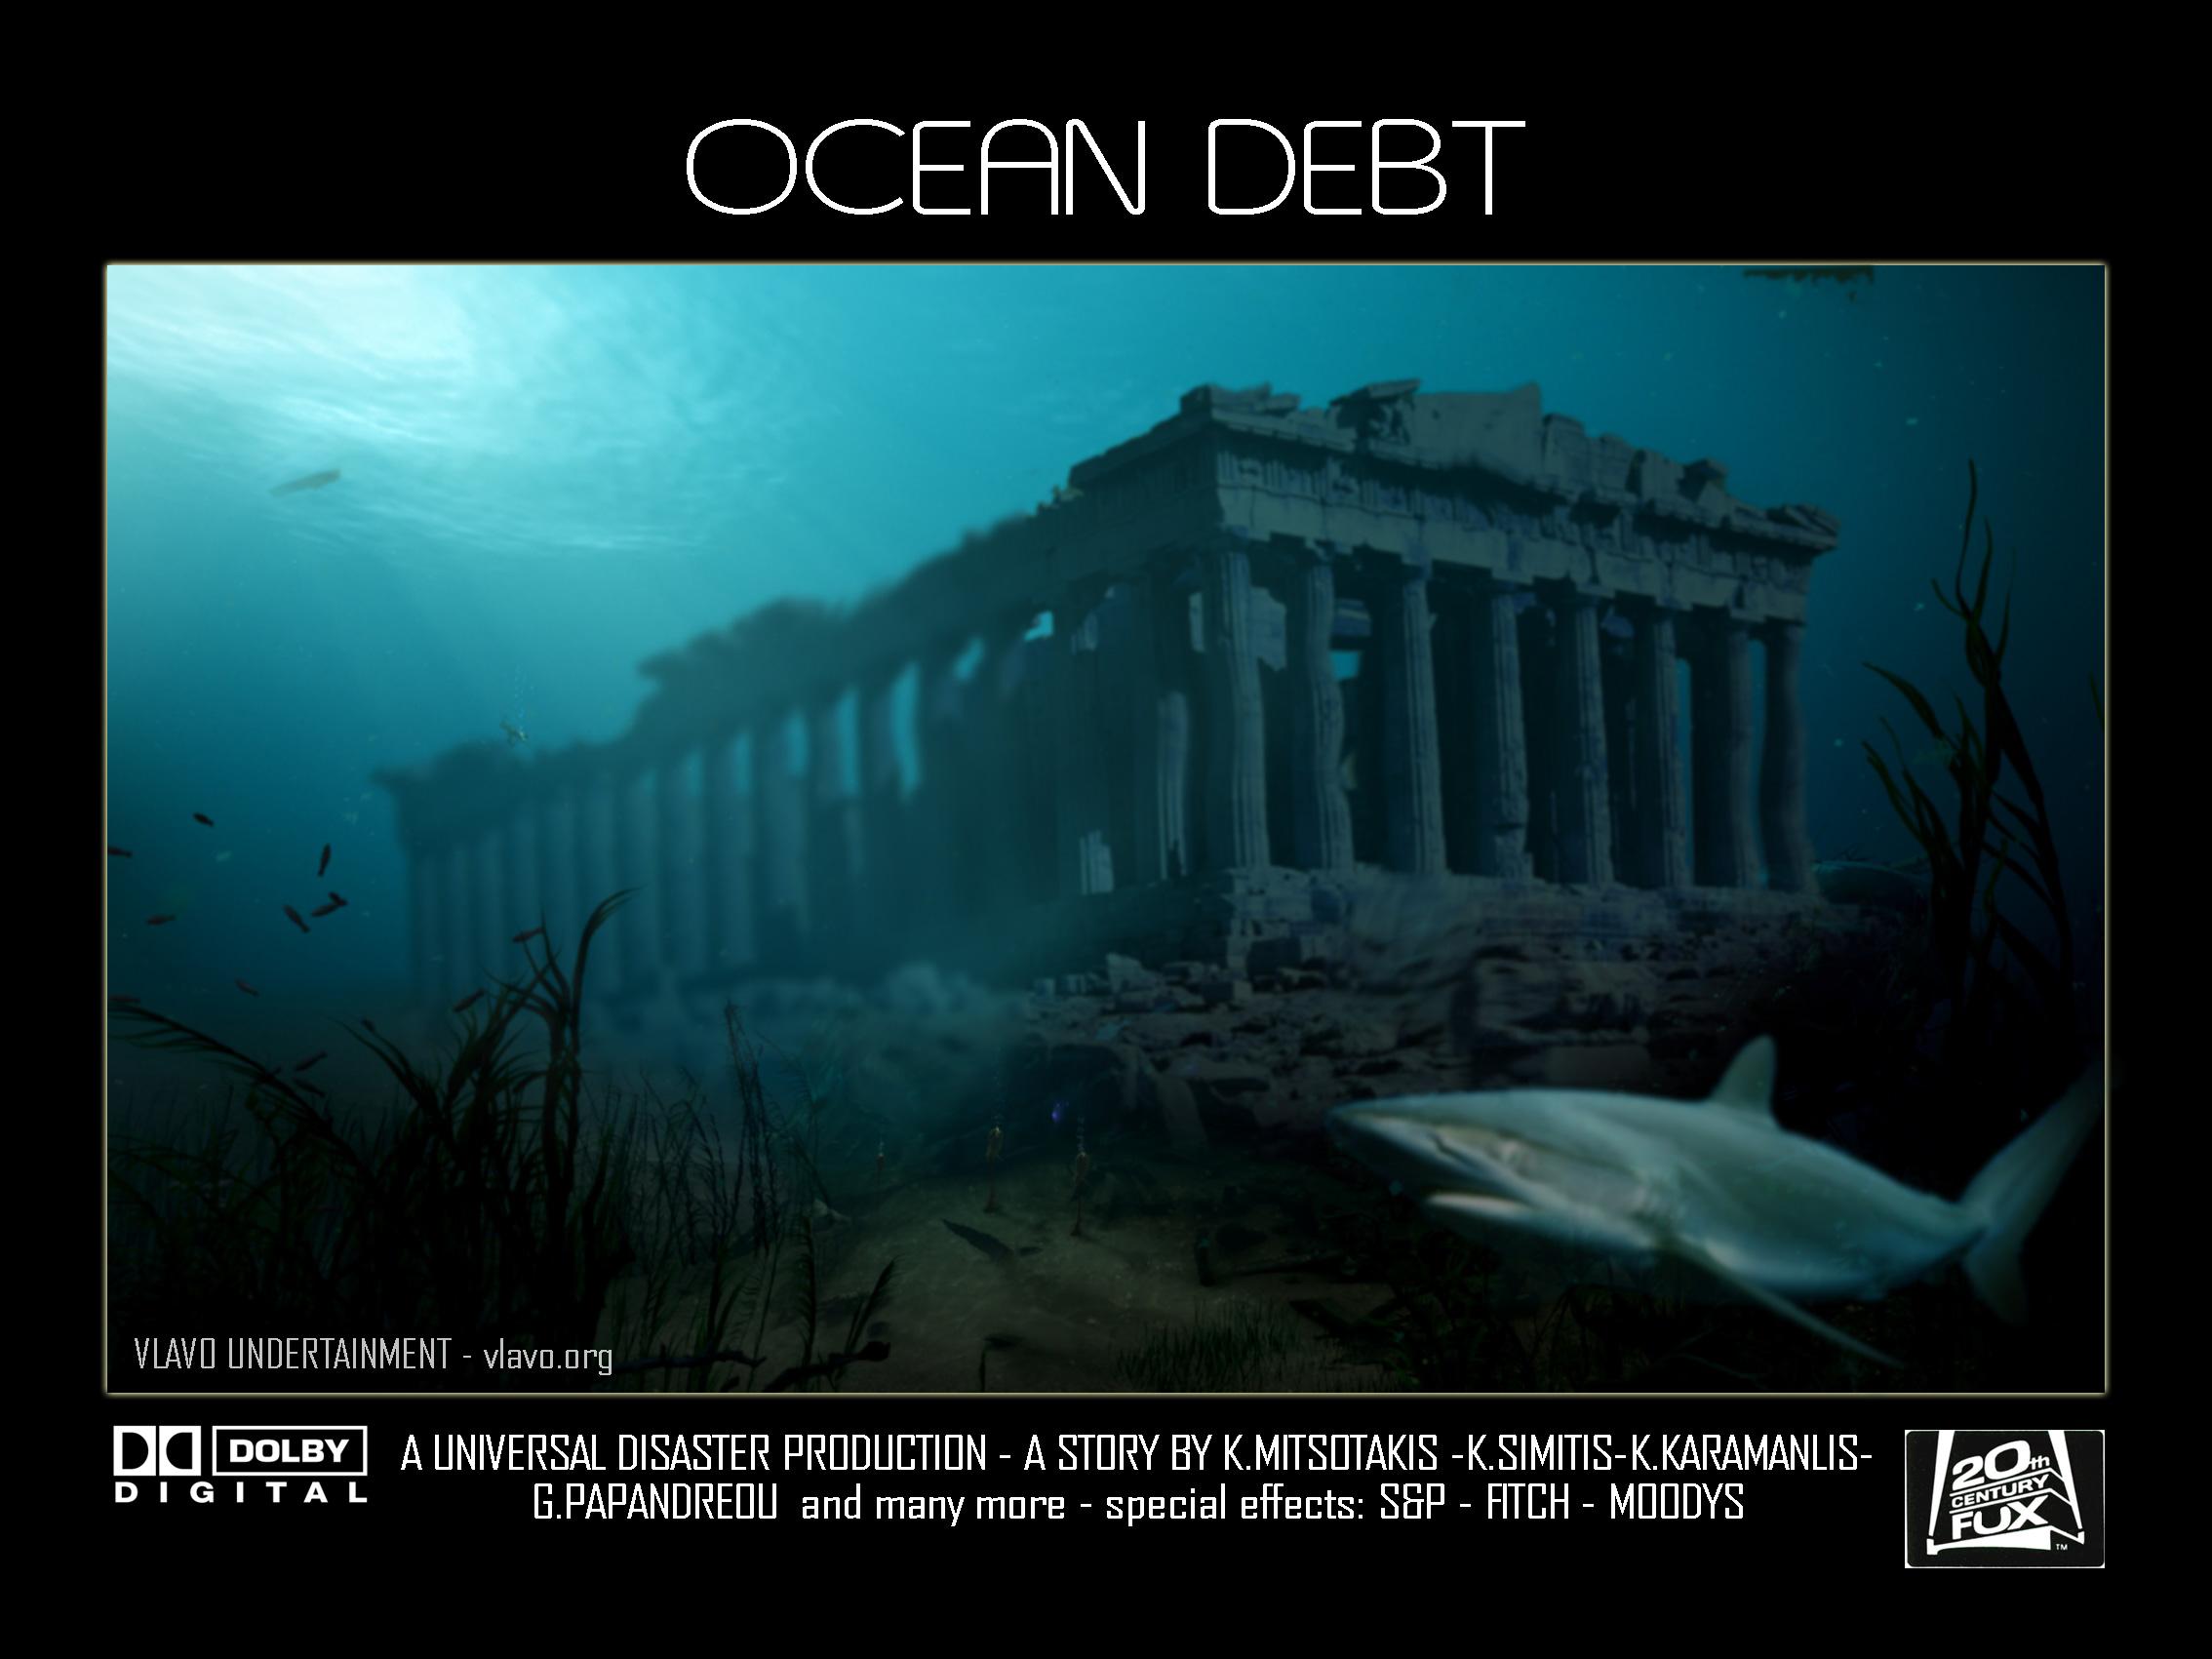 OCEAN-DEBT-Acropolis-underw